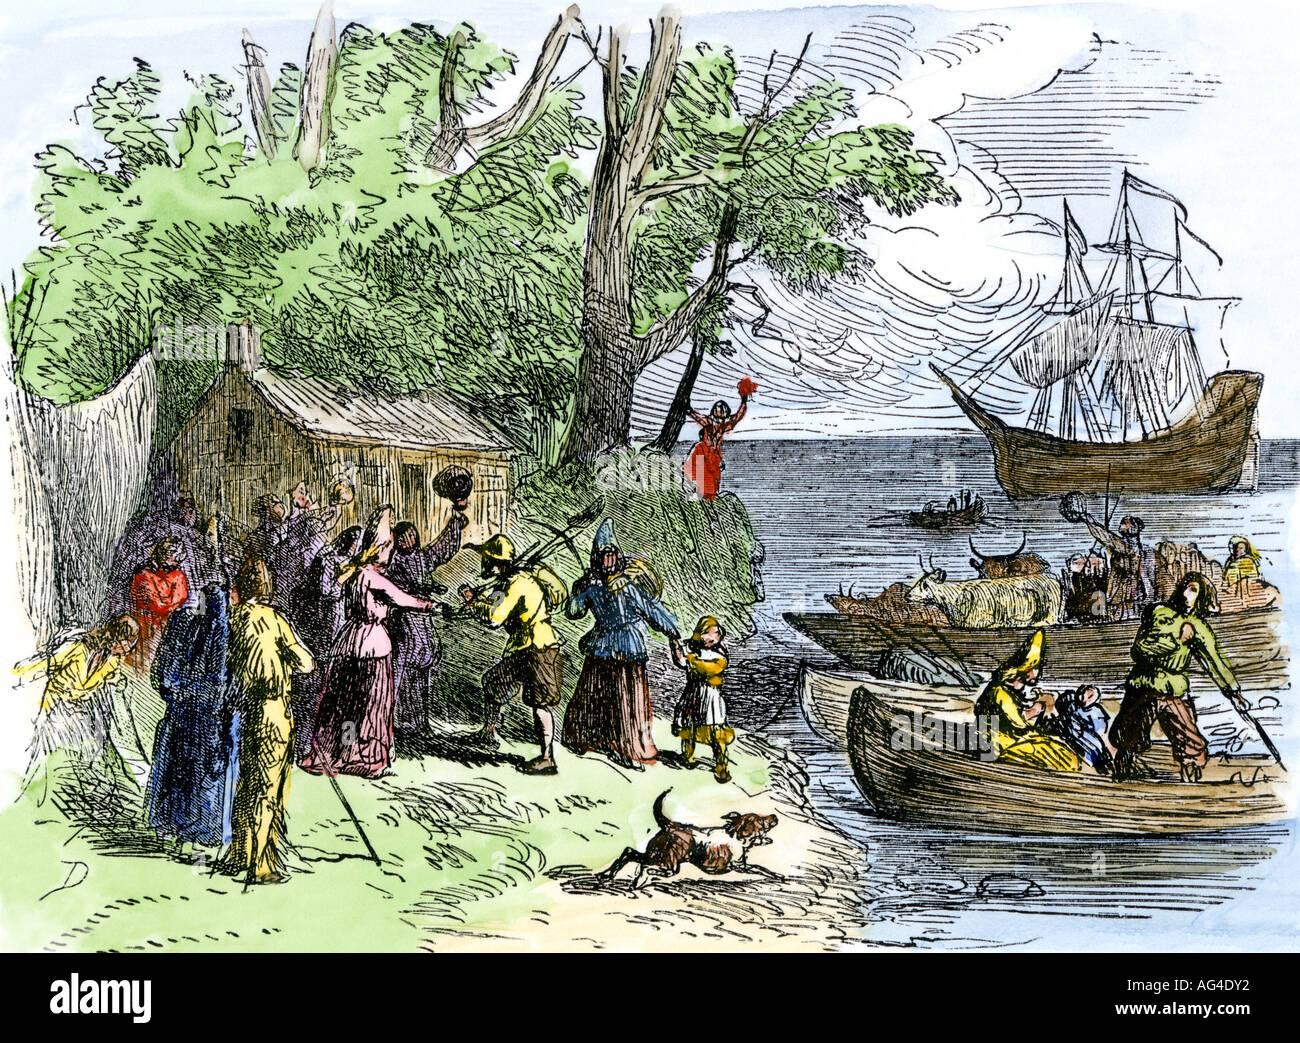 Animals New York Colony 1600s